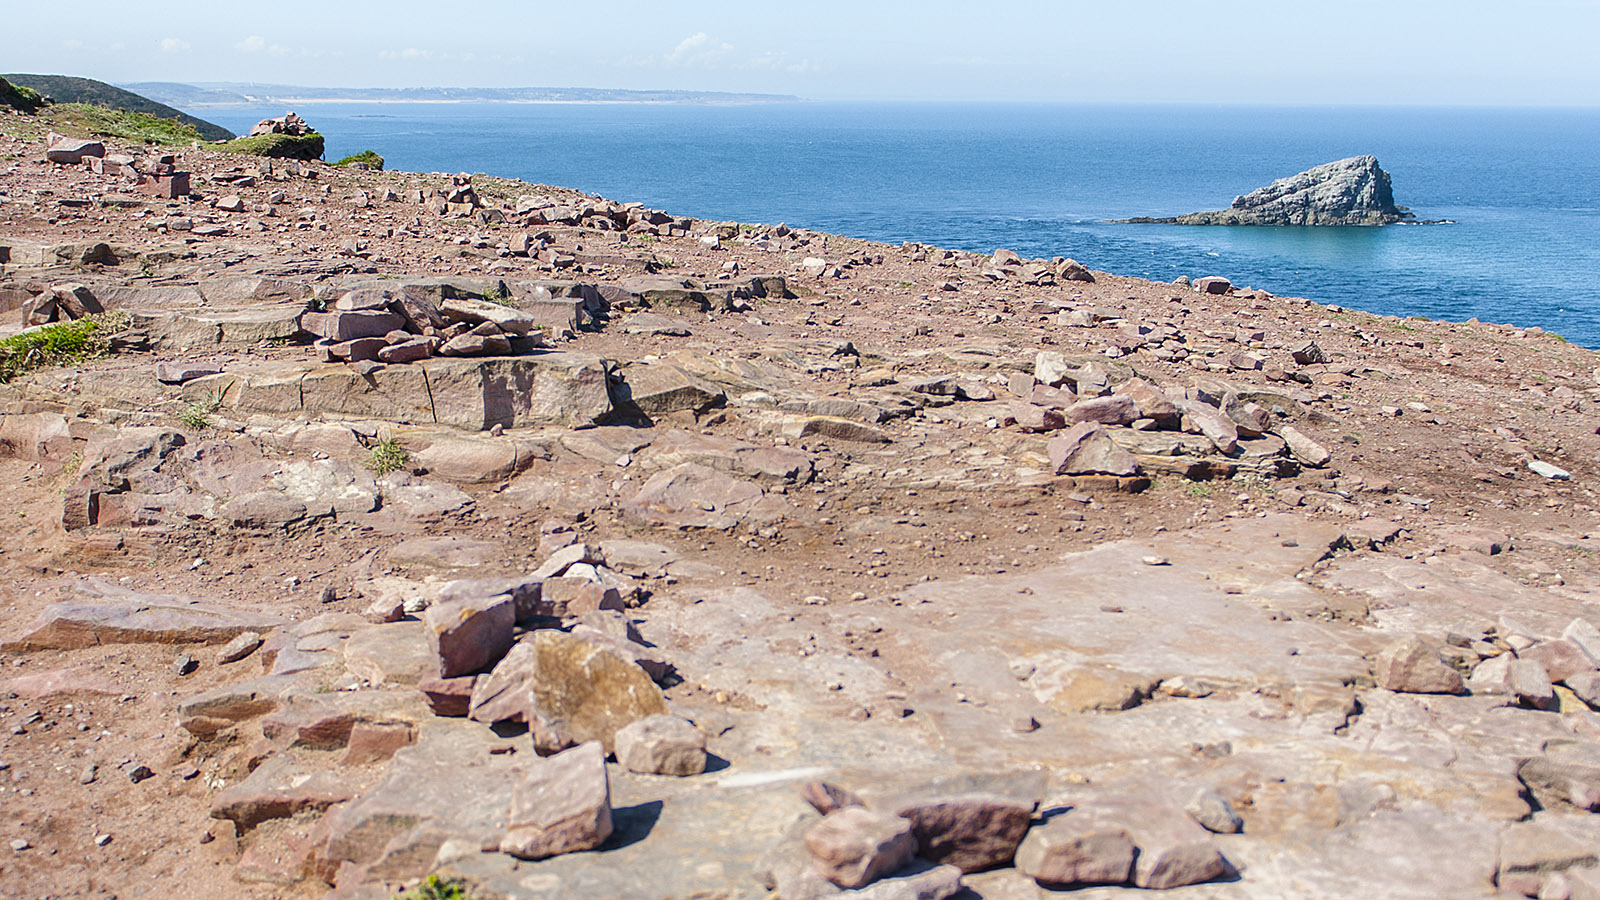 Roter Fels, blaues Meer: Die Farben des Cap Fréhel. Foto: Hilke Maunder